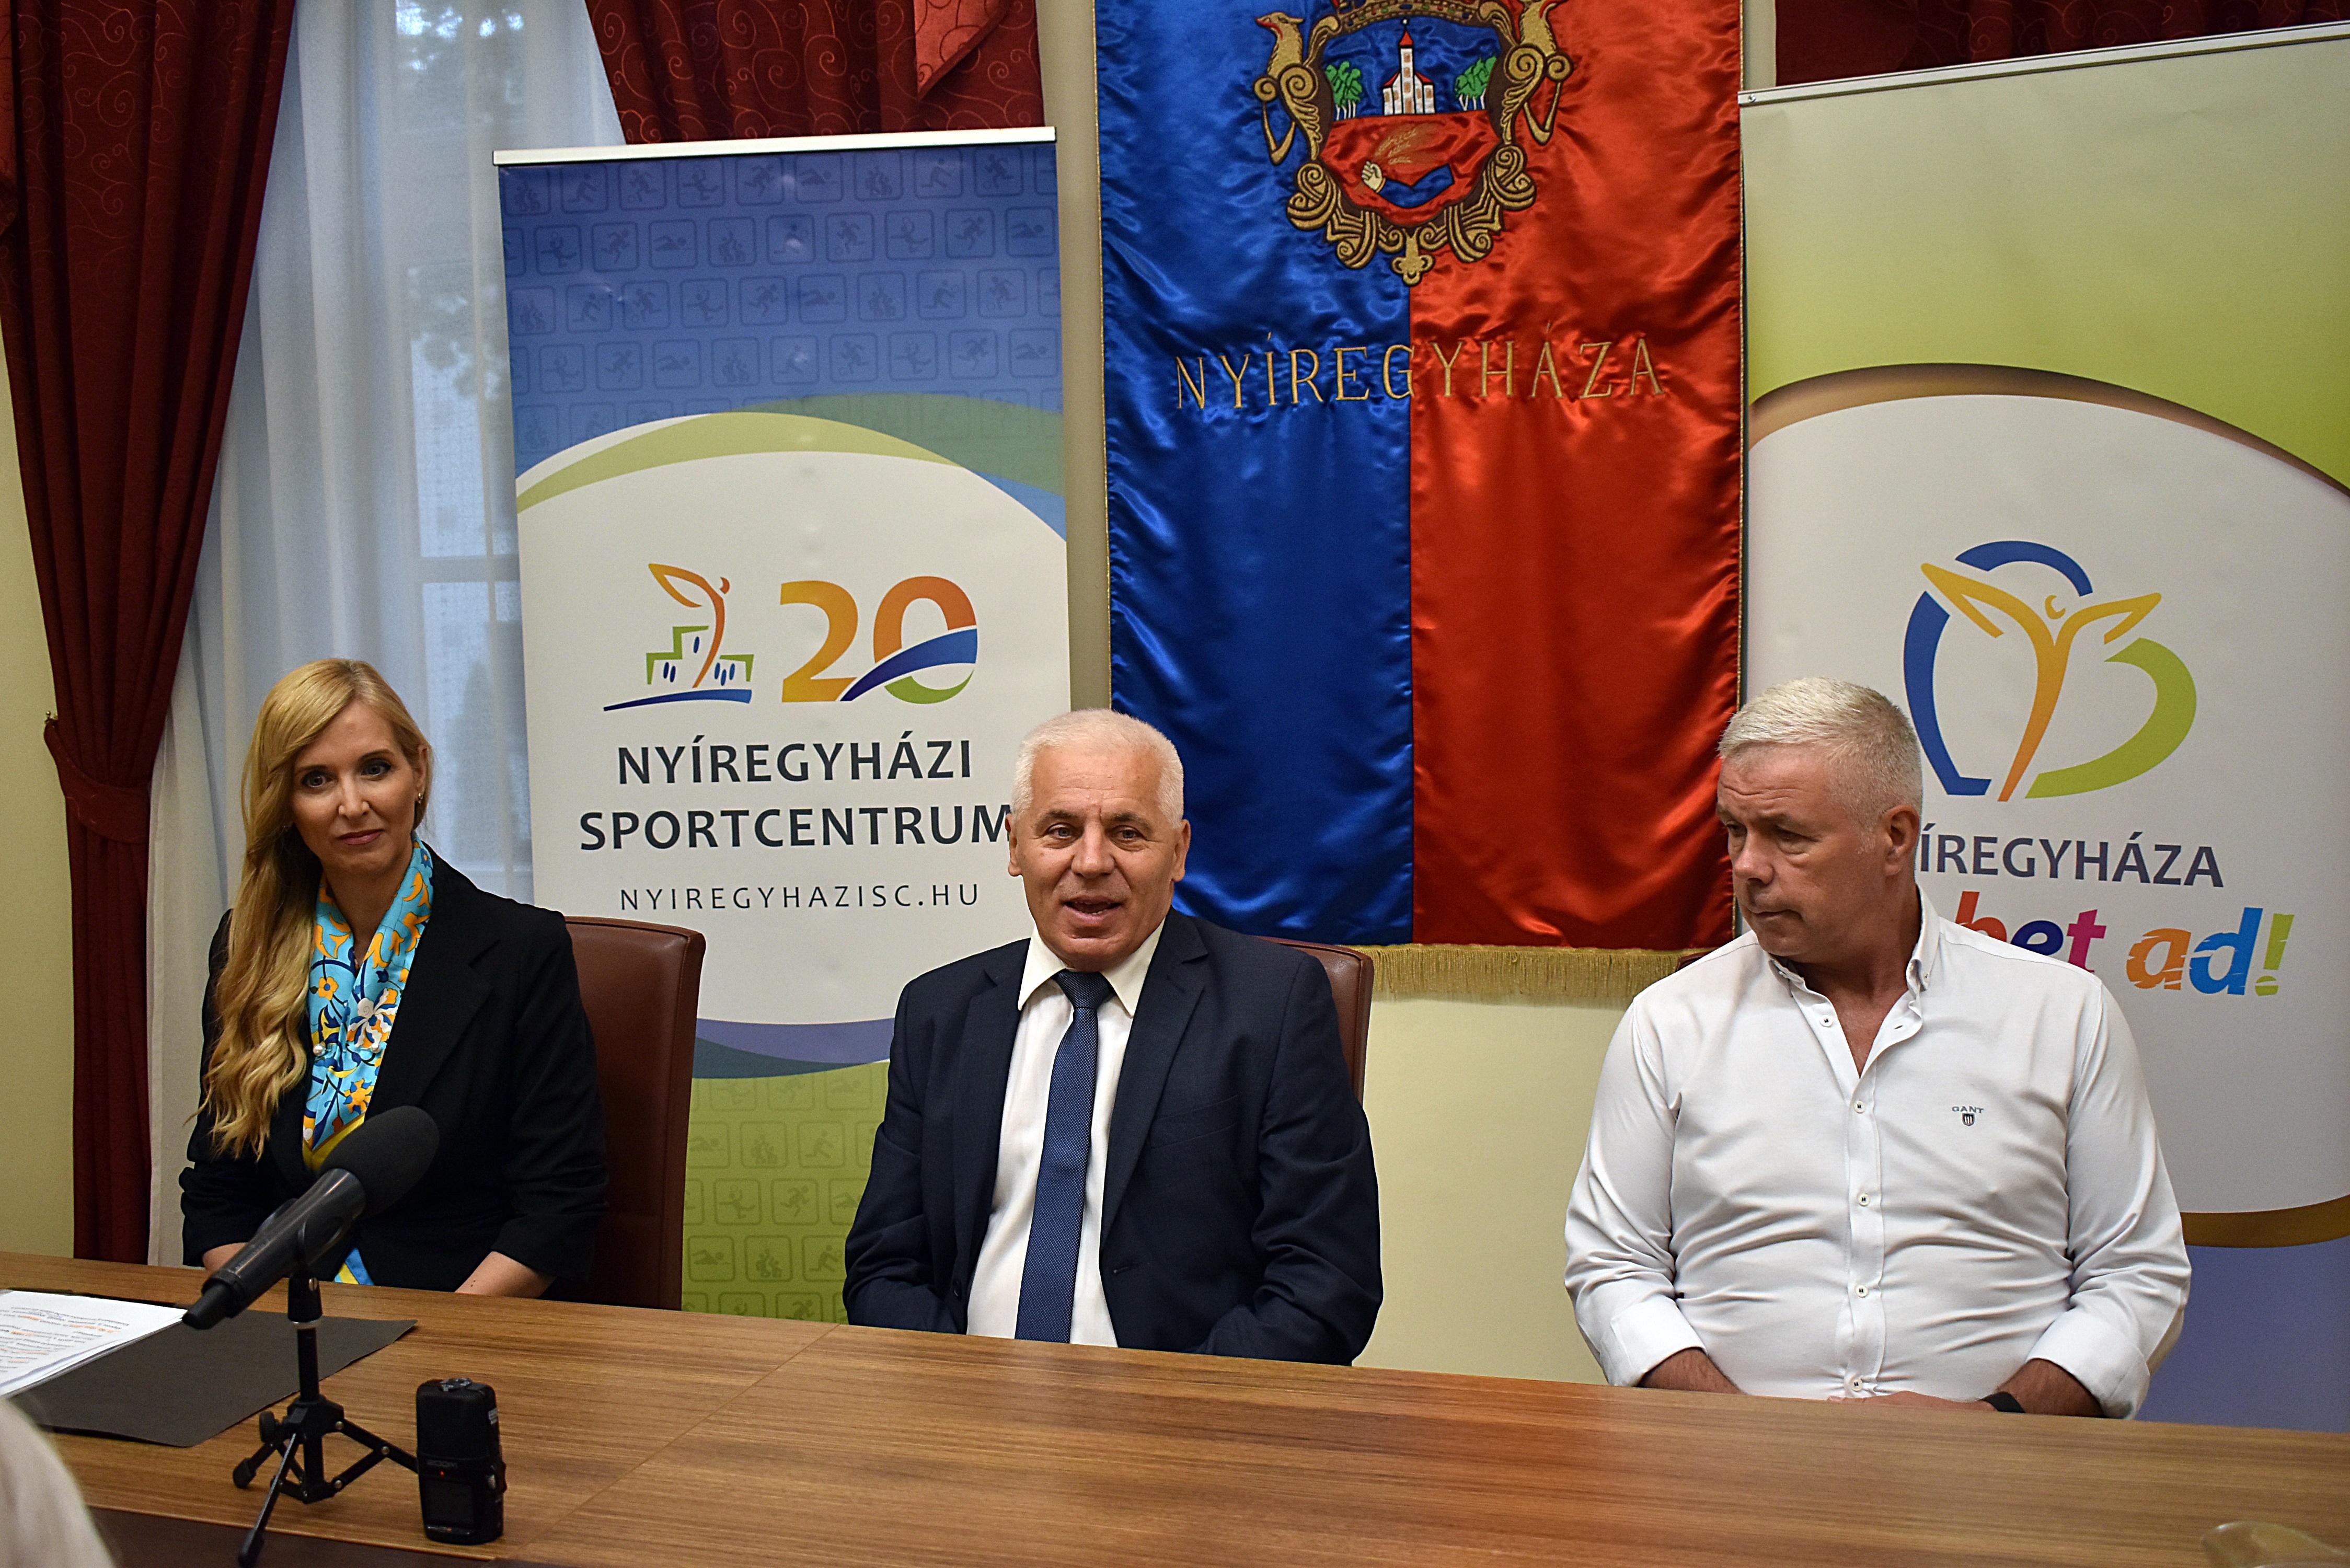 Kiemelt állami támogatásban részesül a Nyíregyházi Sportcentrum